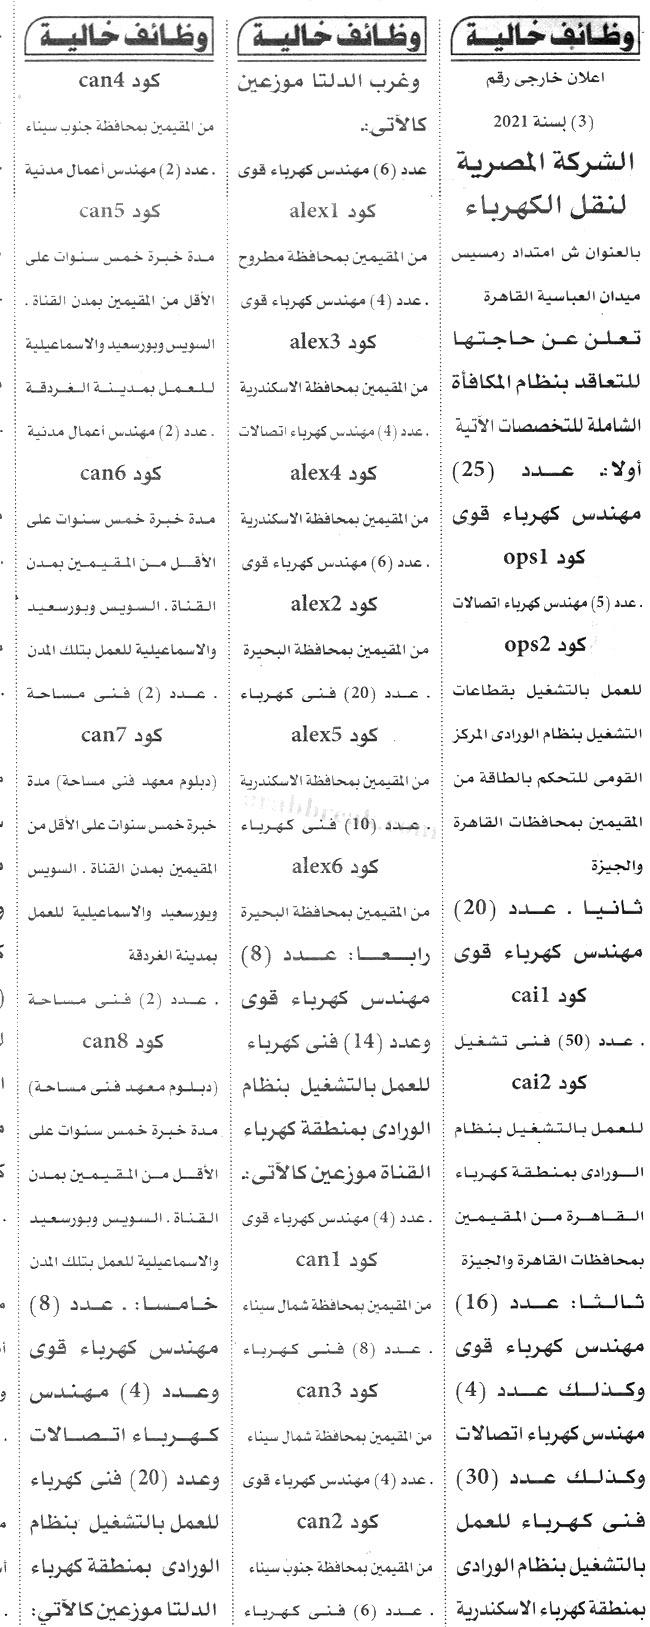 اعلان وظائف وزارة الكهرباء والطاقة - الشركة المصرية لنقل الكهرباء تطلب 473 وظيفة مؤهل عالي ومتوسط 10 / 9 / 2021